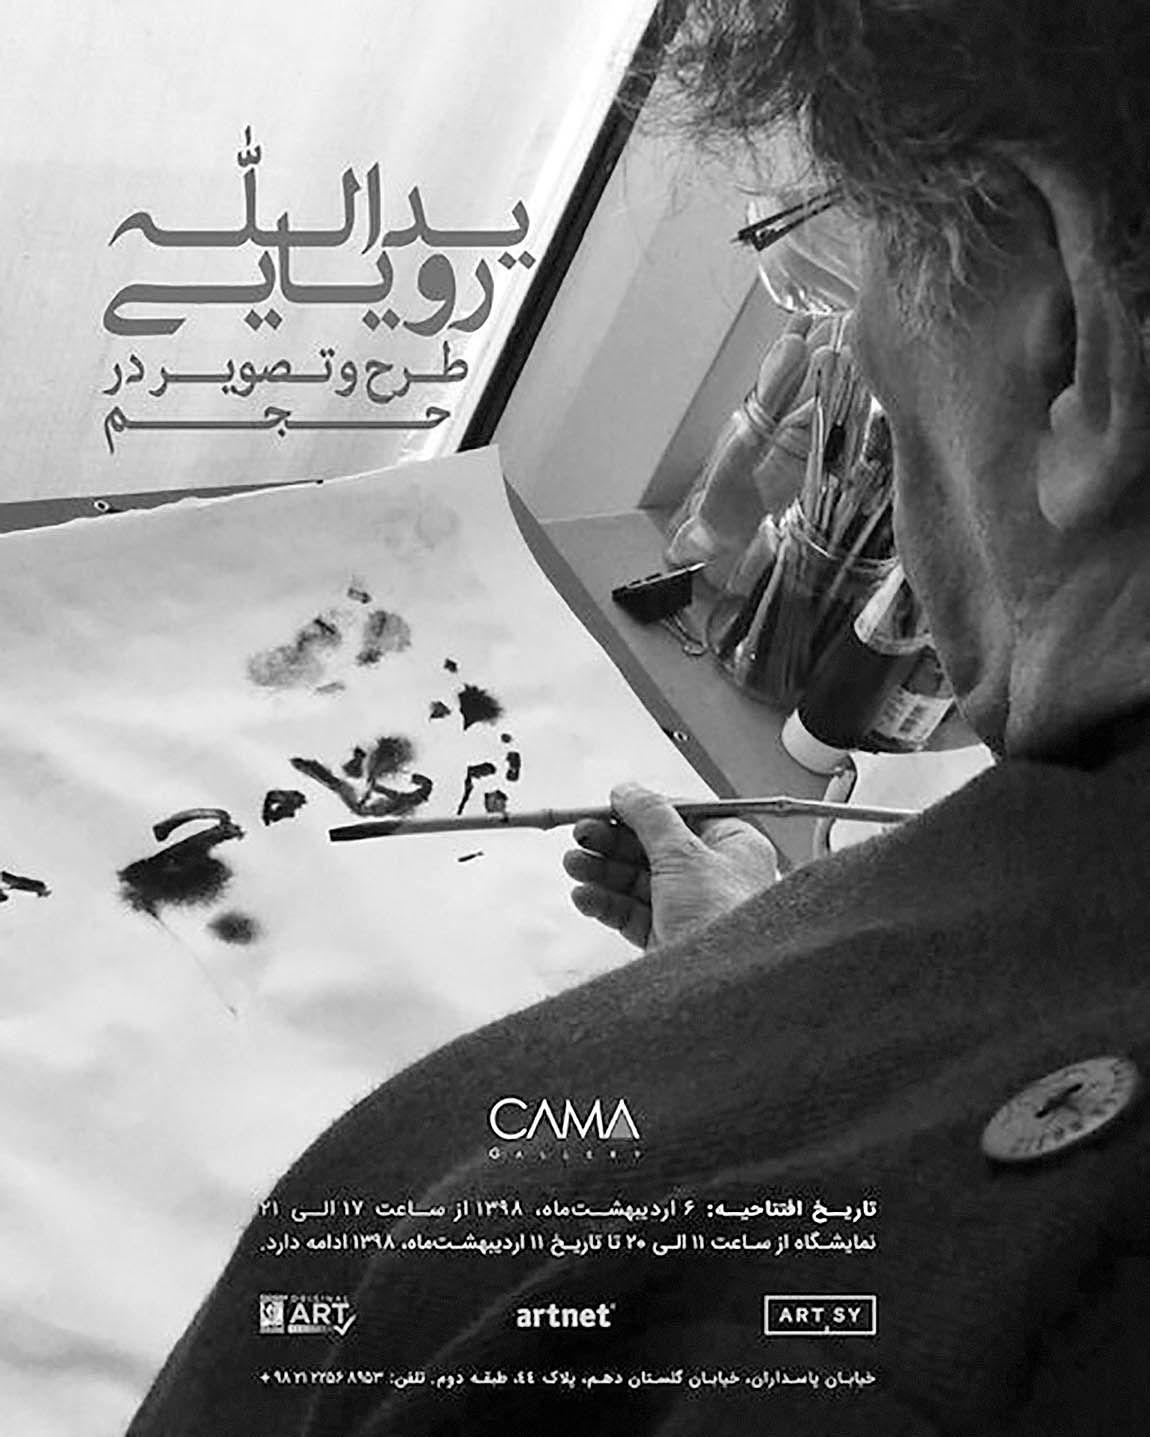 نمایش آثار هنری یدالله رویایی در گالری کاما